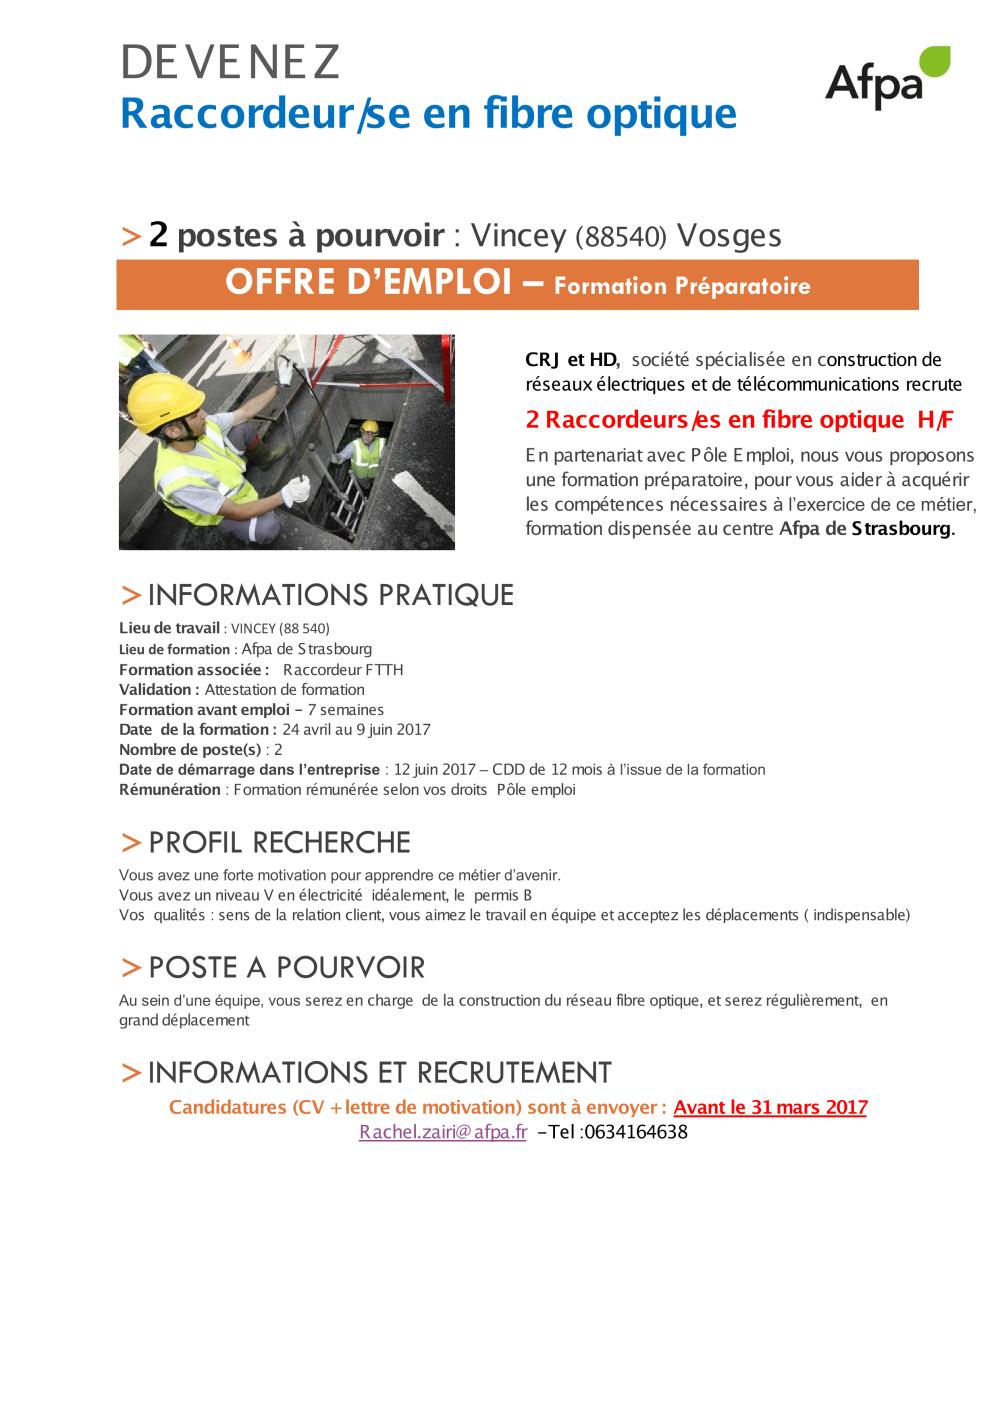 Poei Raccordeur En Fibre Optique Crj Et Hd Vosges Pdf Afpa